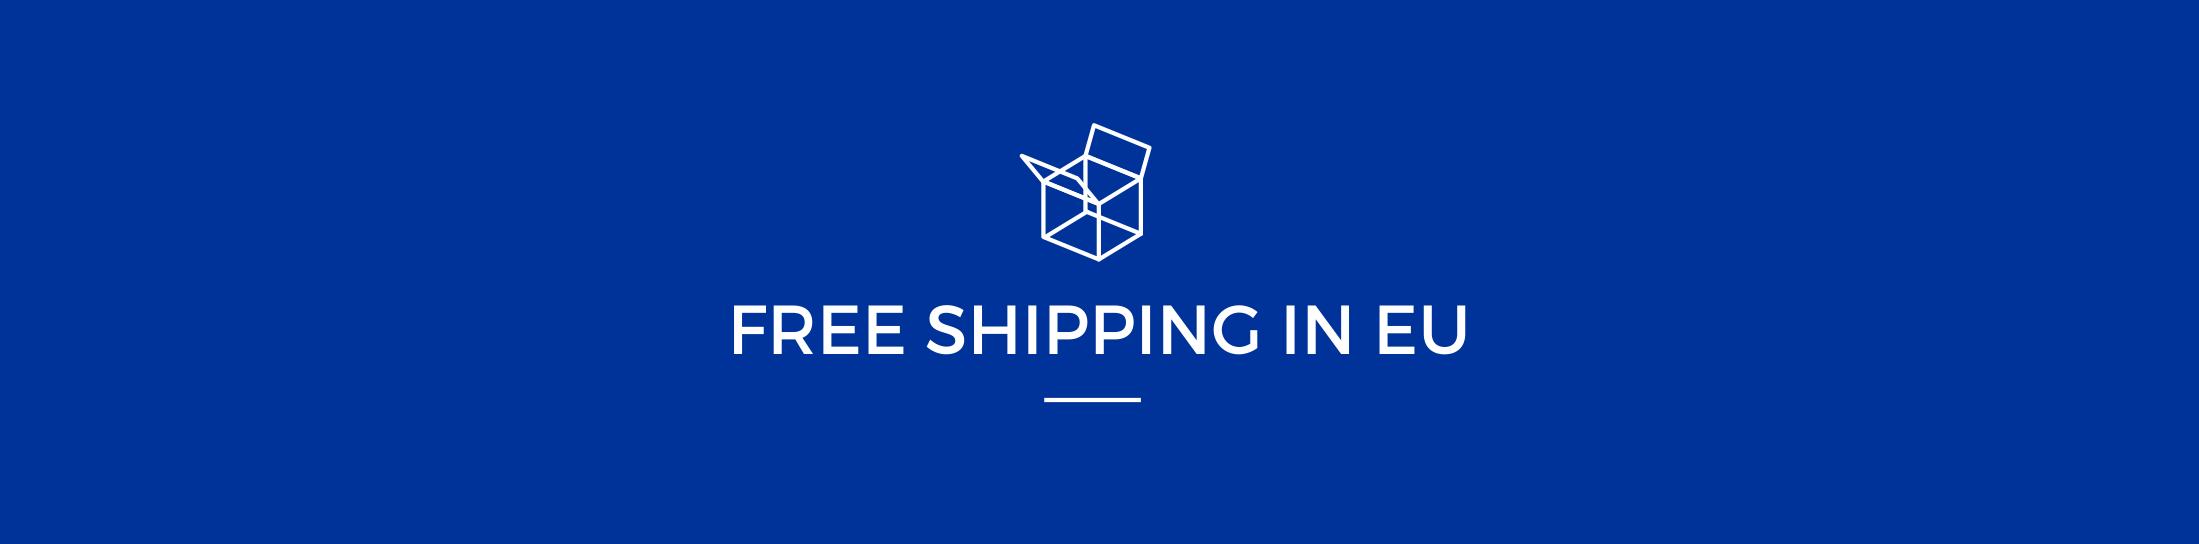 free-shipping-in-eu-1